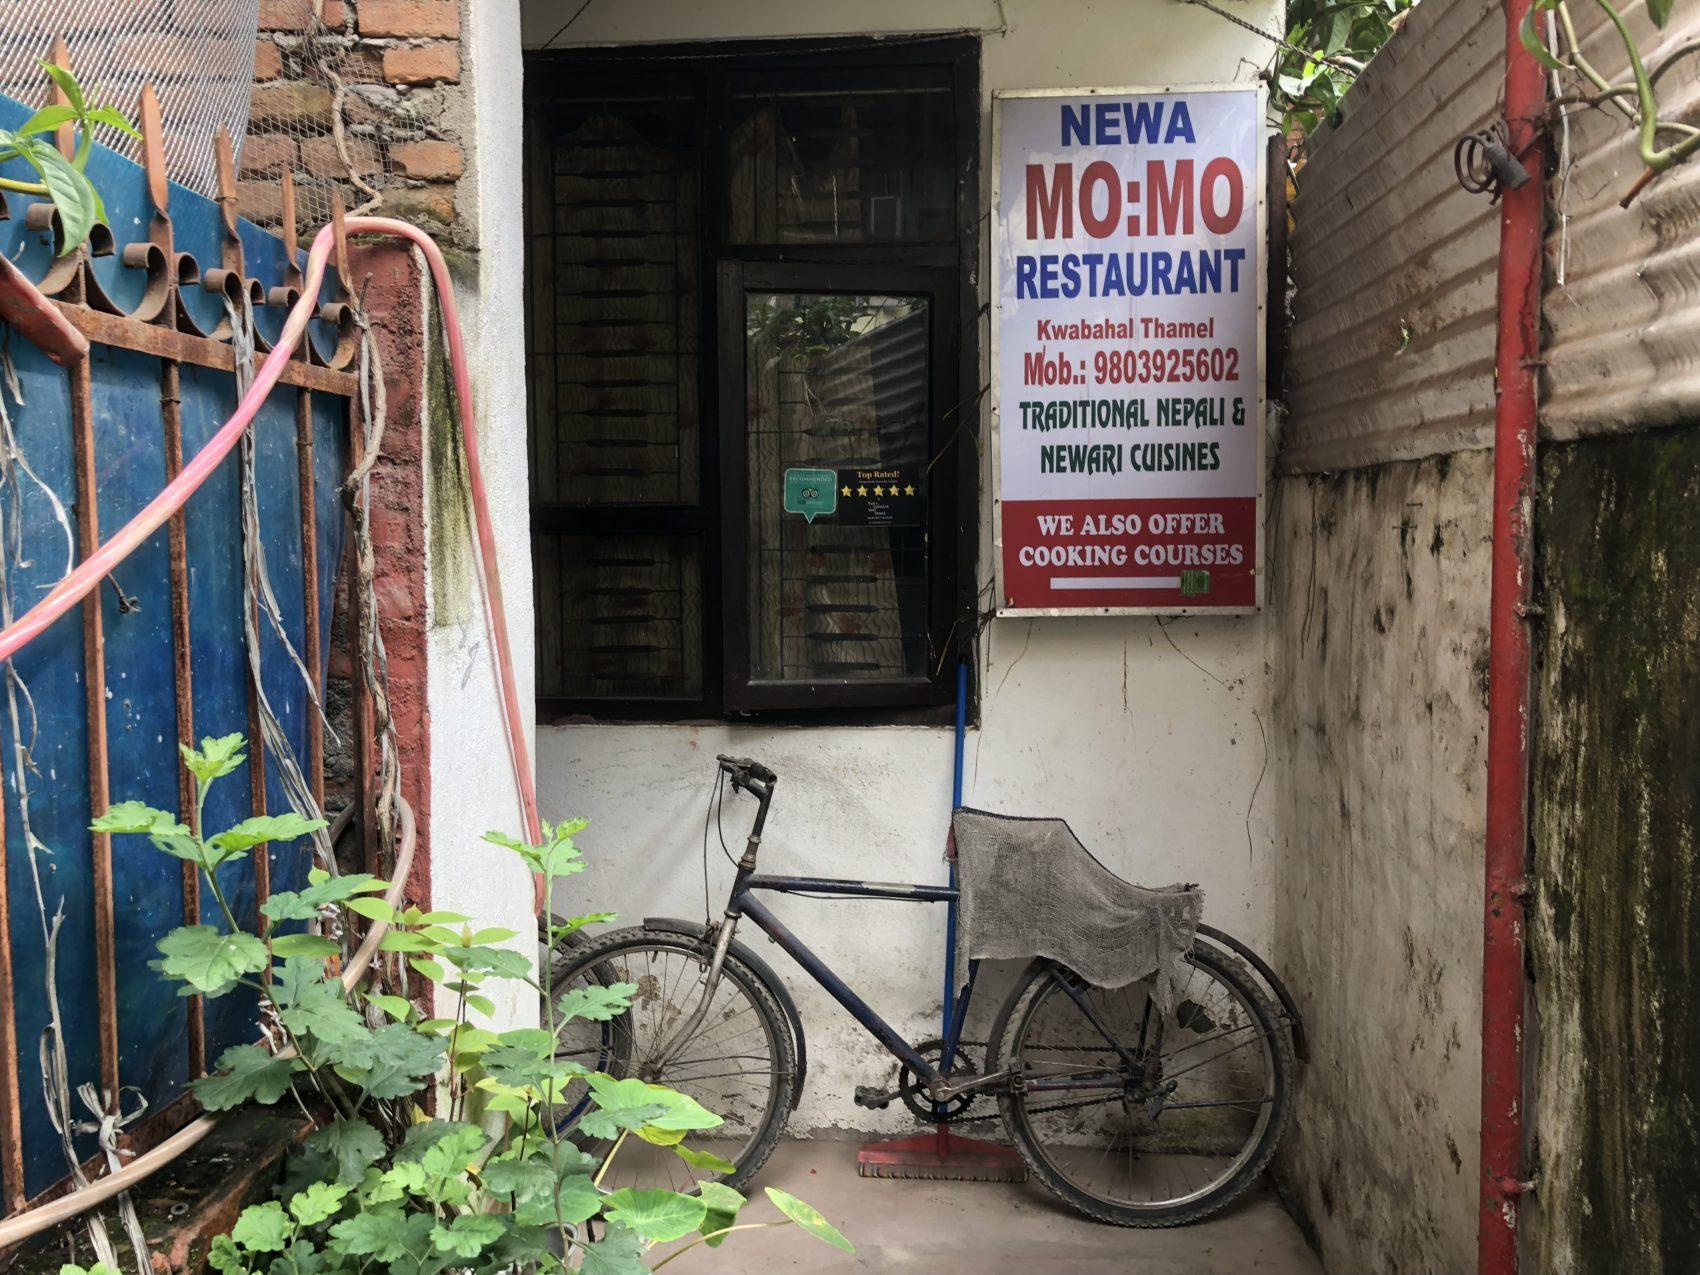 Newa Momo Restaurant